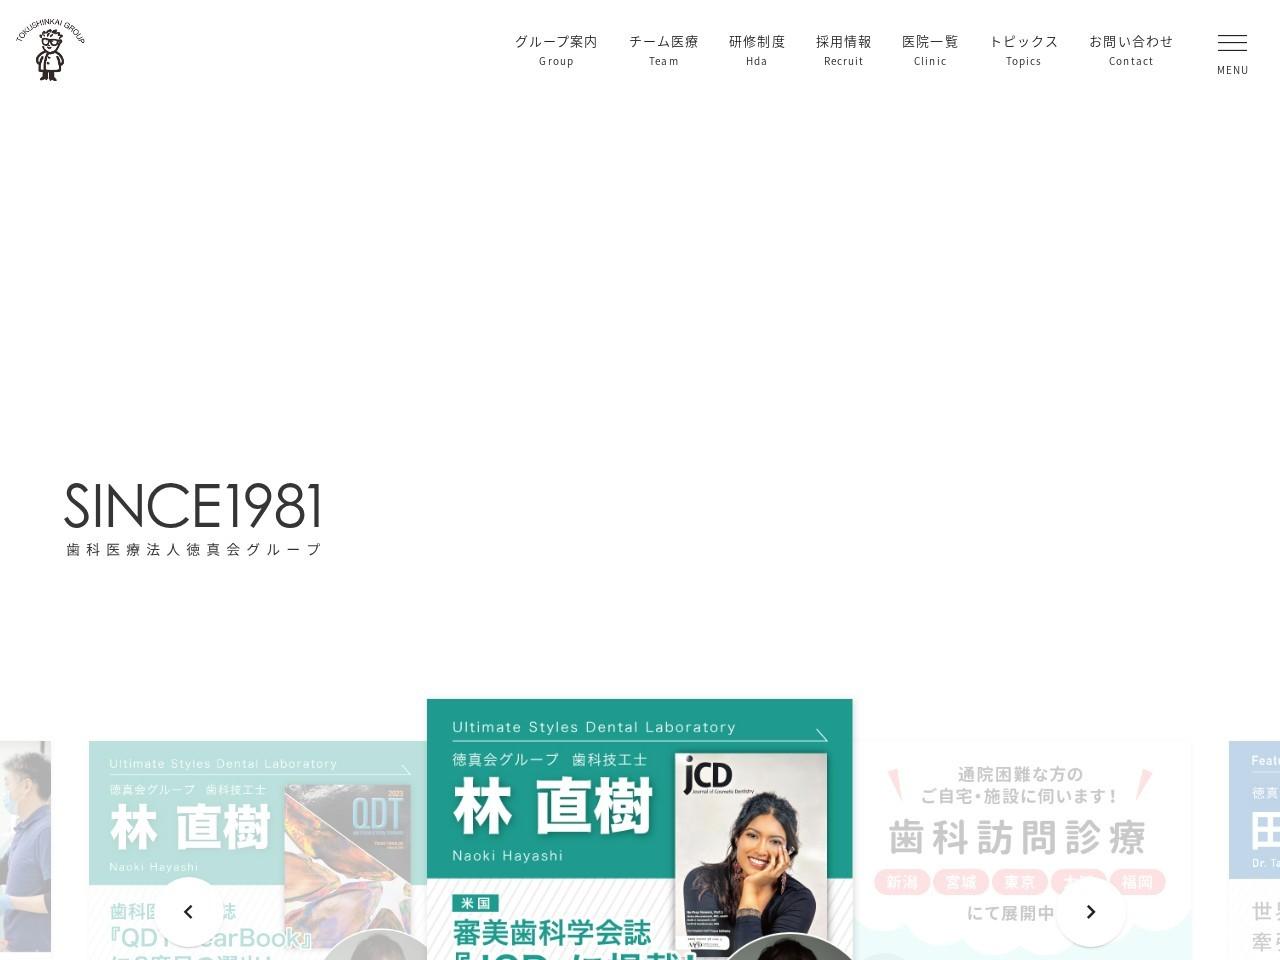 医療法人徳真会グループ  青葉第二歯科 (宮城県富谷市)